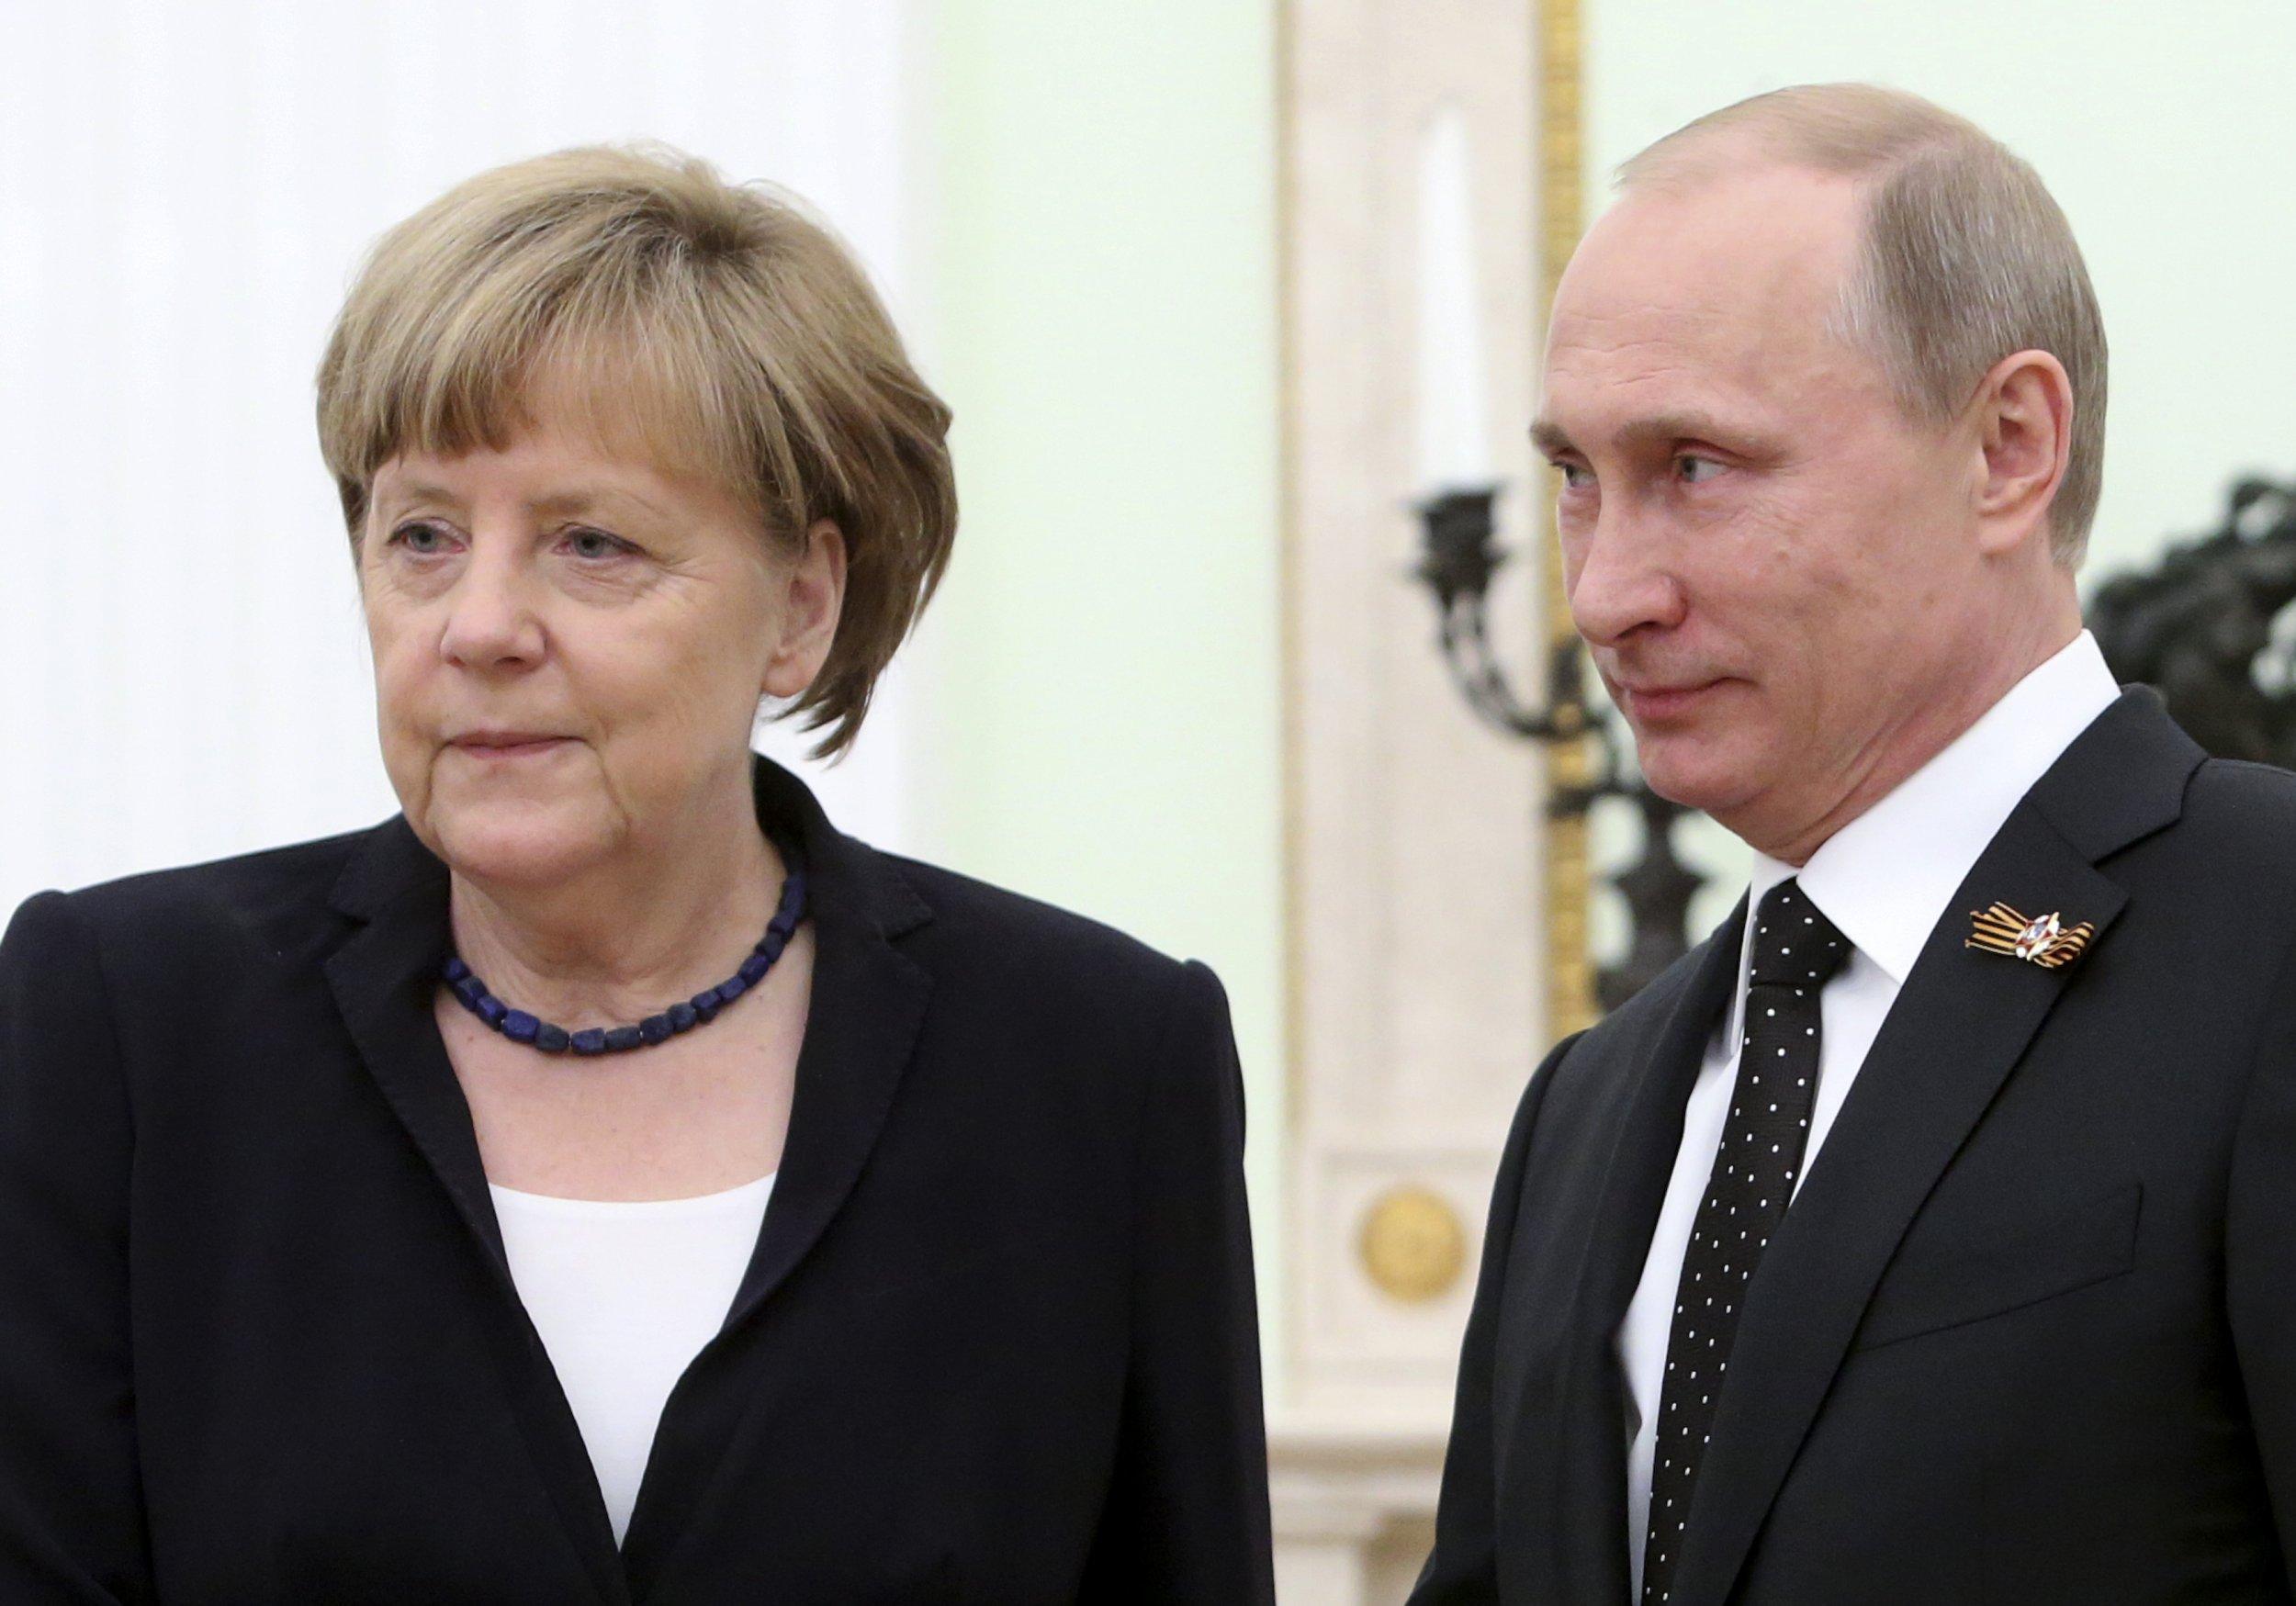 05_16_Putin_Merkel_01